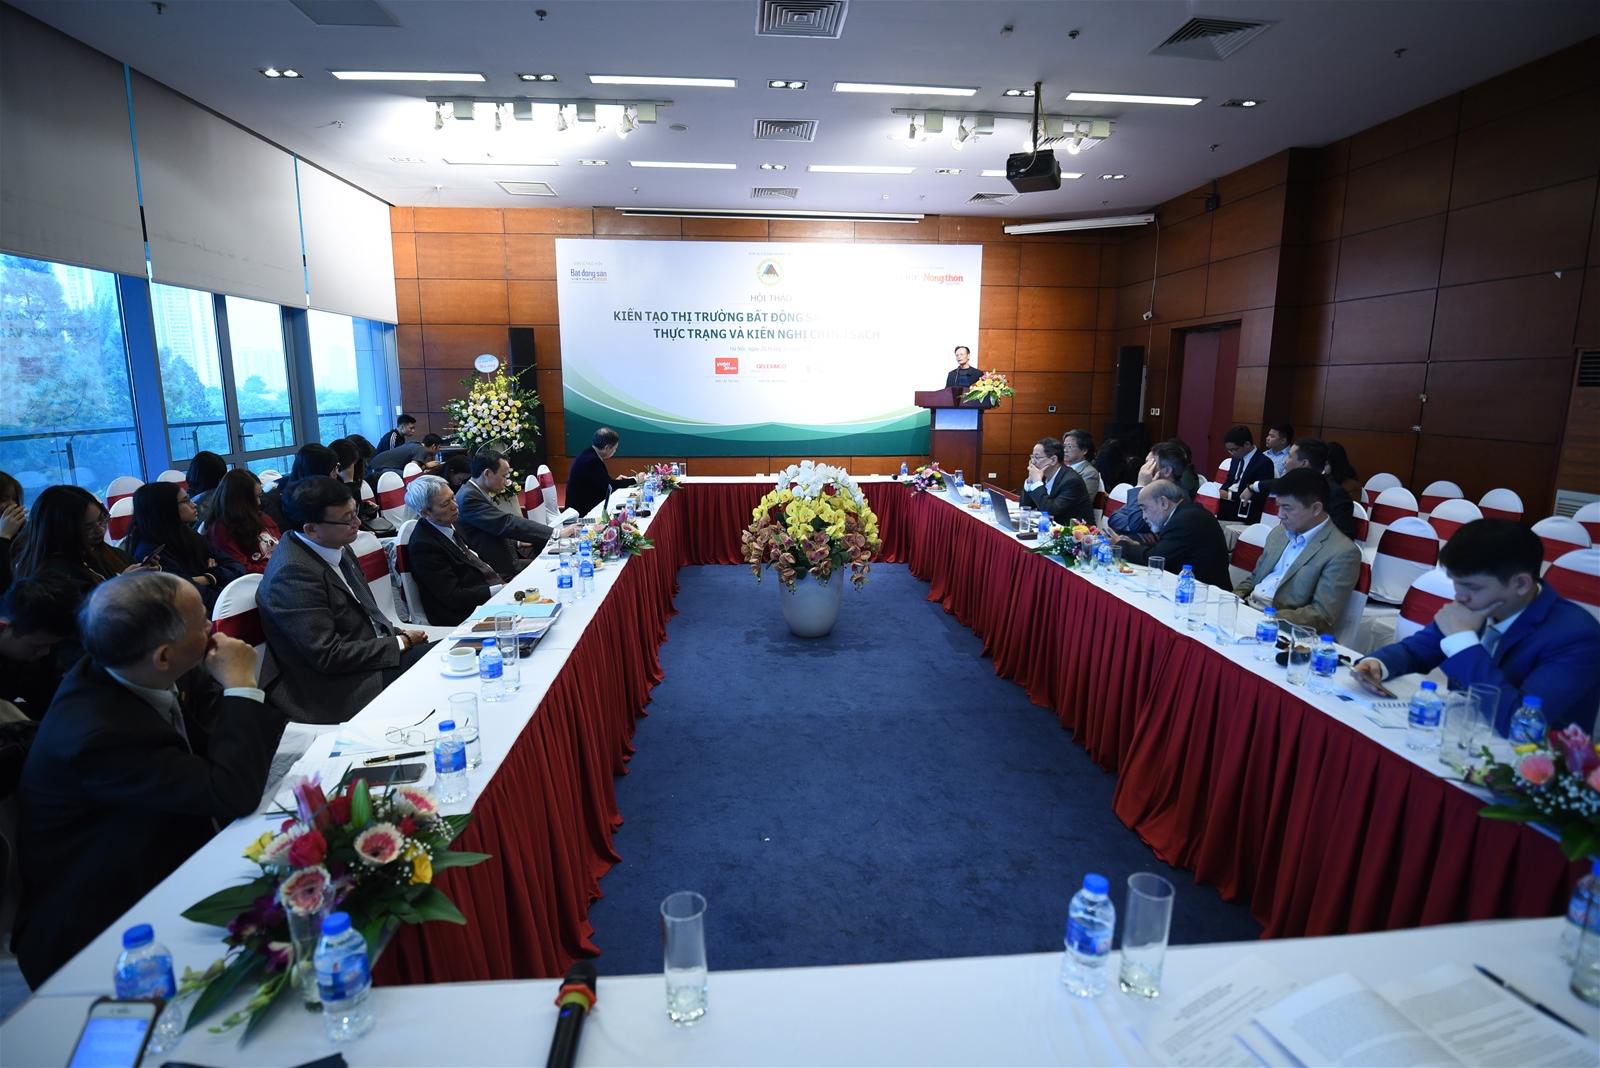 Hội thảo Kiến tạo thị trường bất động sản nông nghiệp